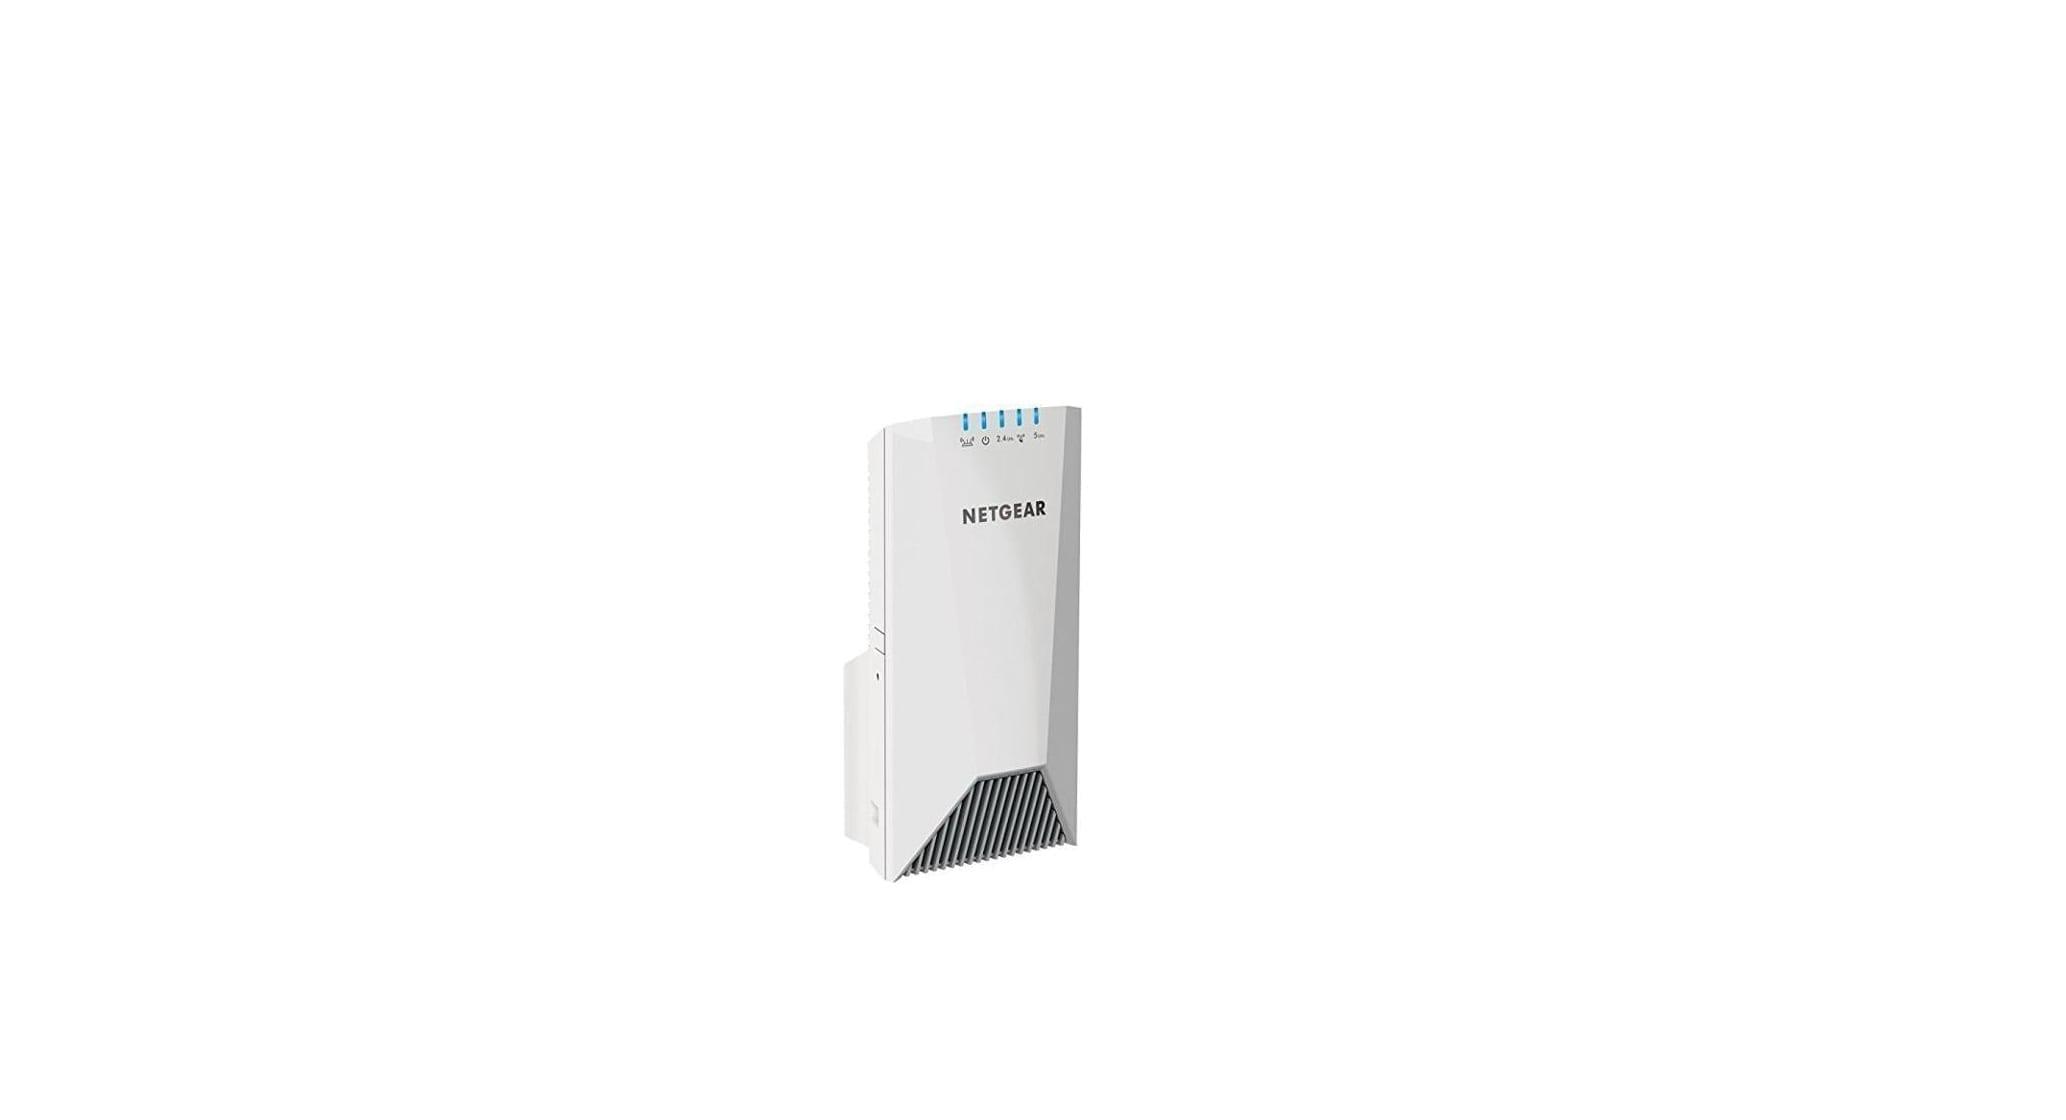 Netgear Inc  EX7500-100NAS NIGHTHAWK X4S TRI-BAND WIFI